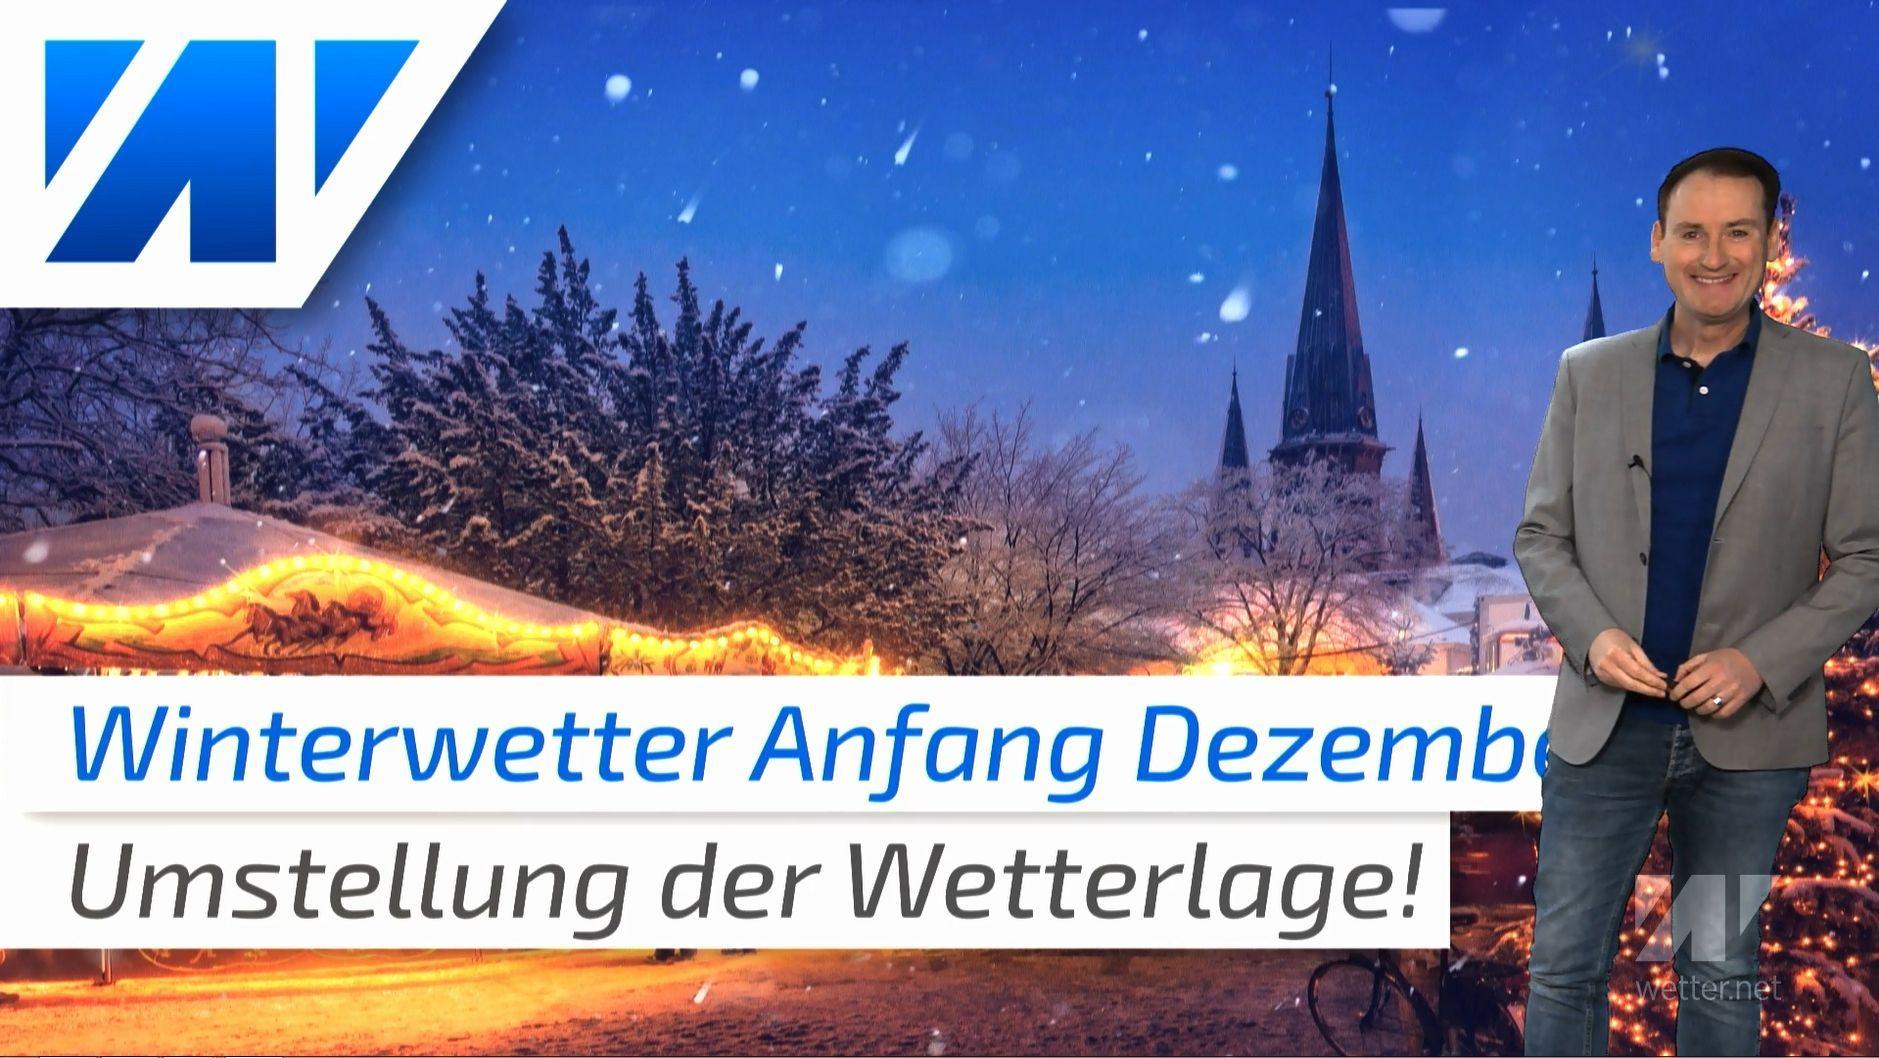 Winterwetter ab Dezember? Die Großwetterlage stellt sich um!